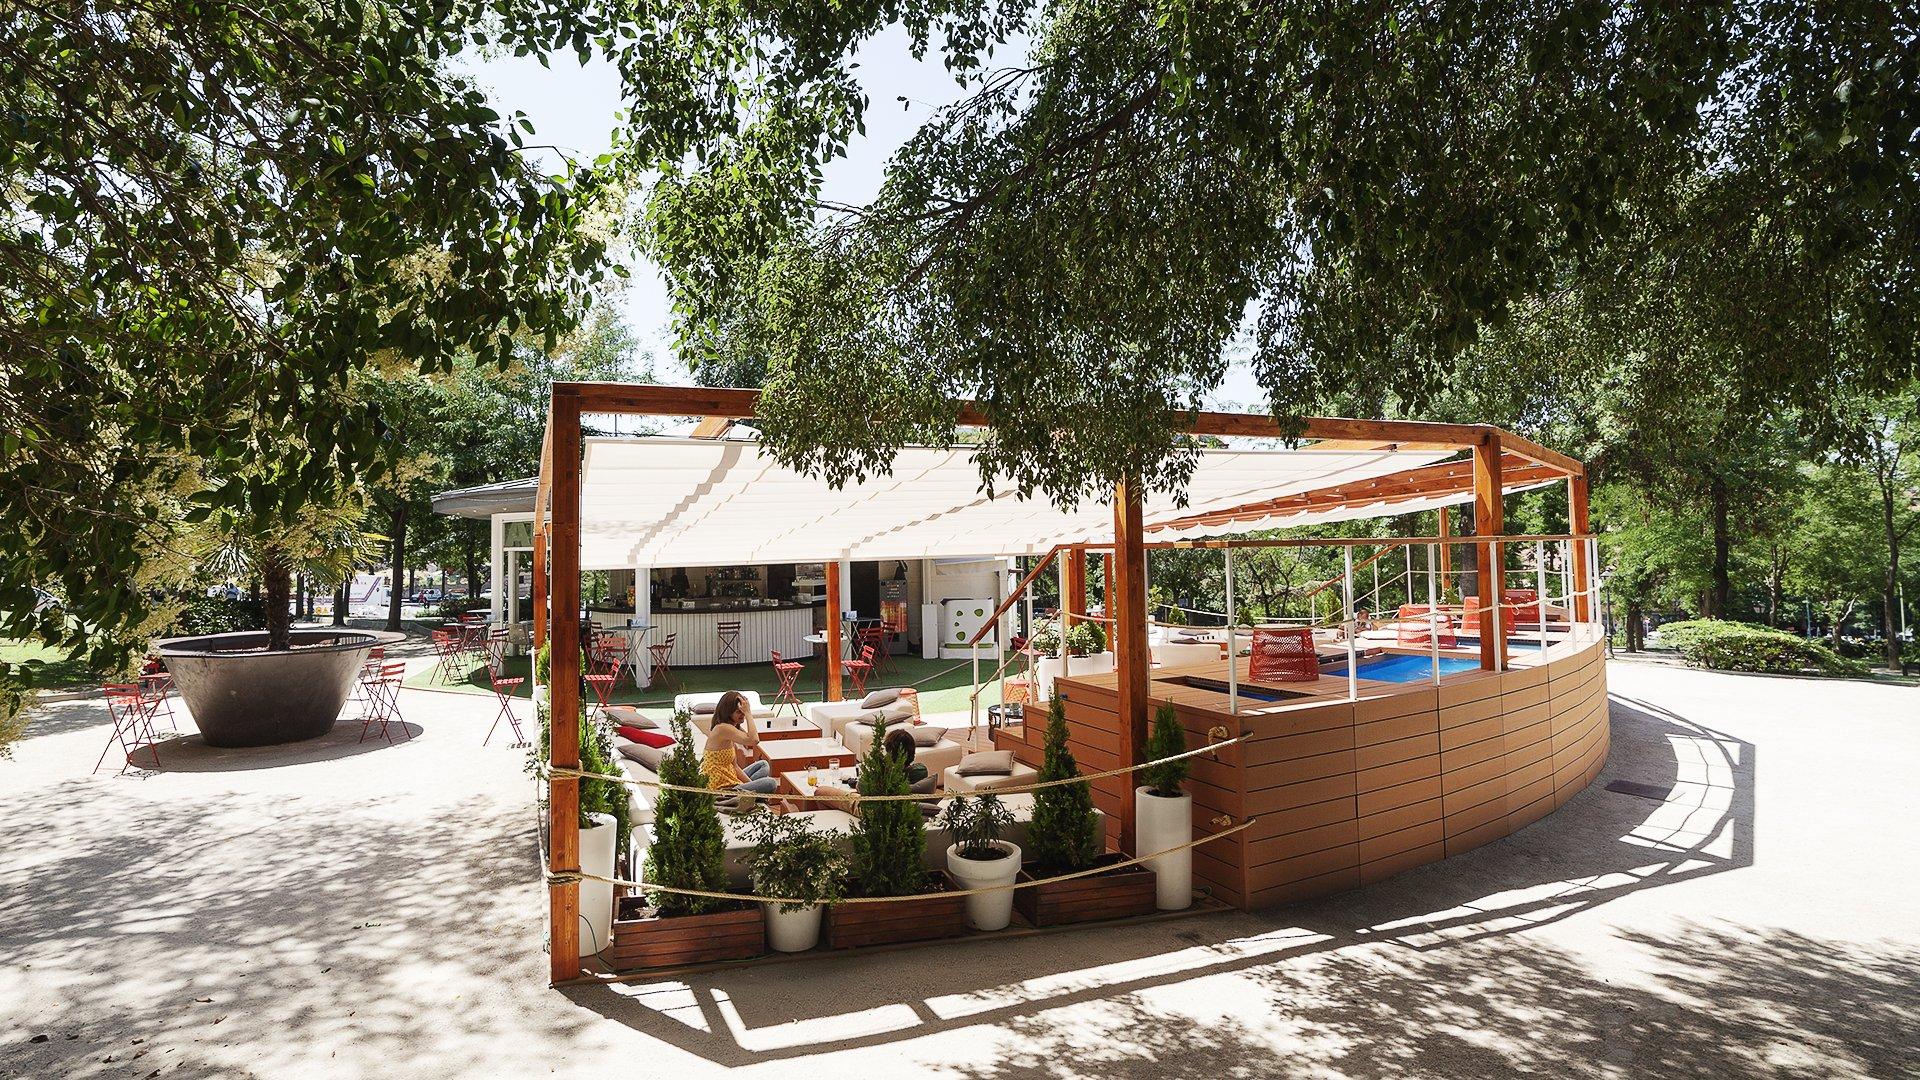 Terraza Atenas Mahoudrid Mahou